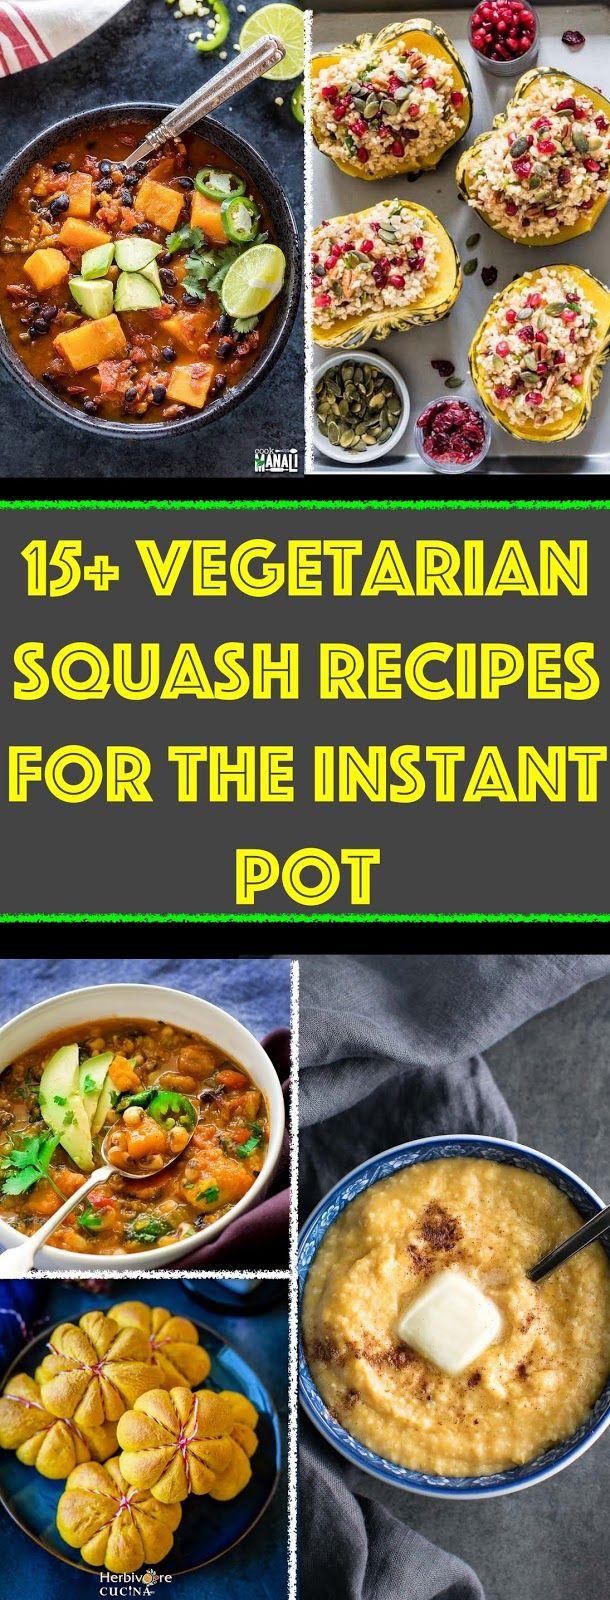 15 Vegetarian Squash Recipes For The Instant Pot